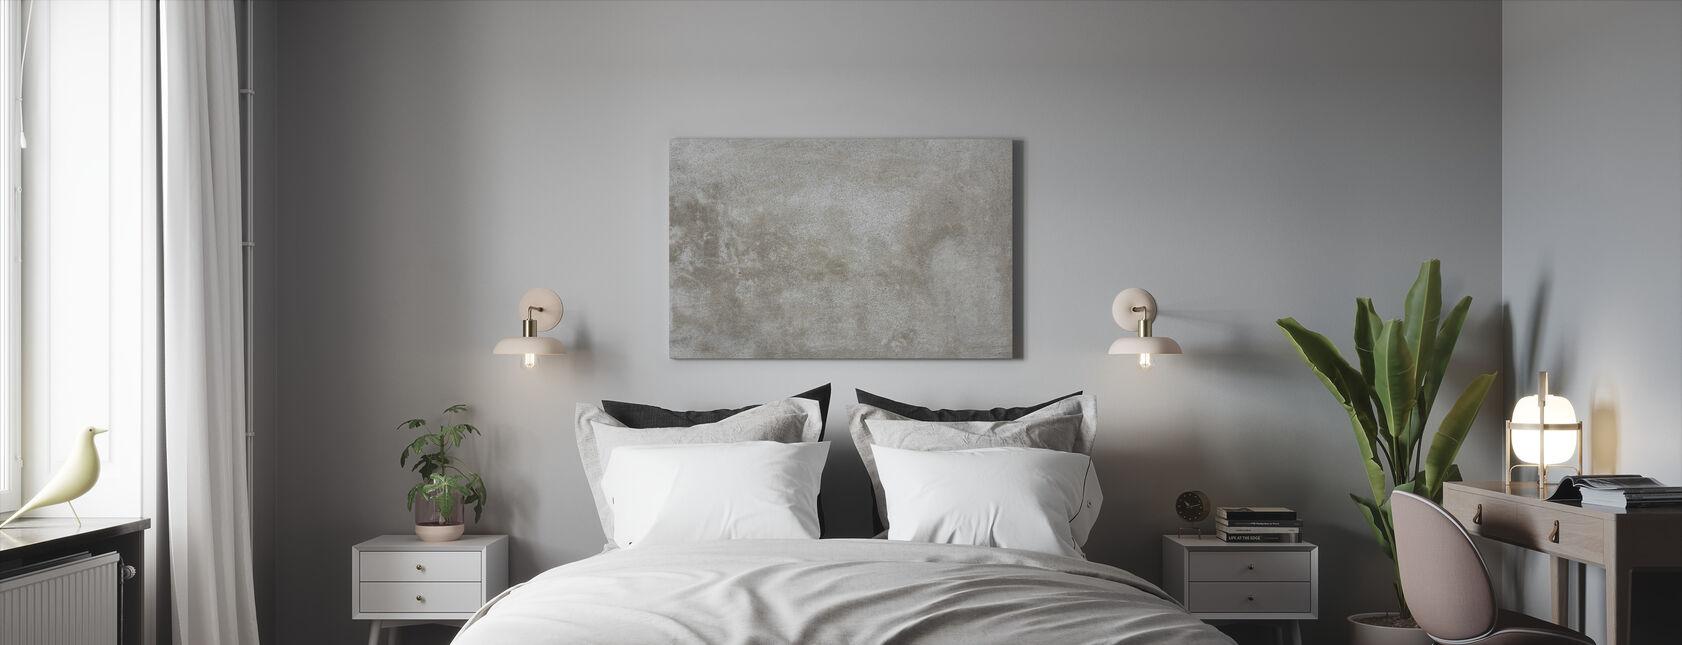 Pared de piedra beige desgarrada - Lienzo - Dormitorio